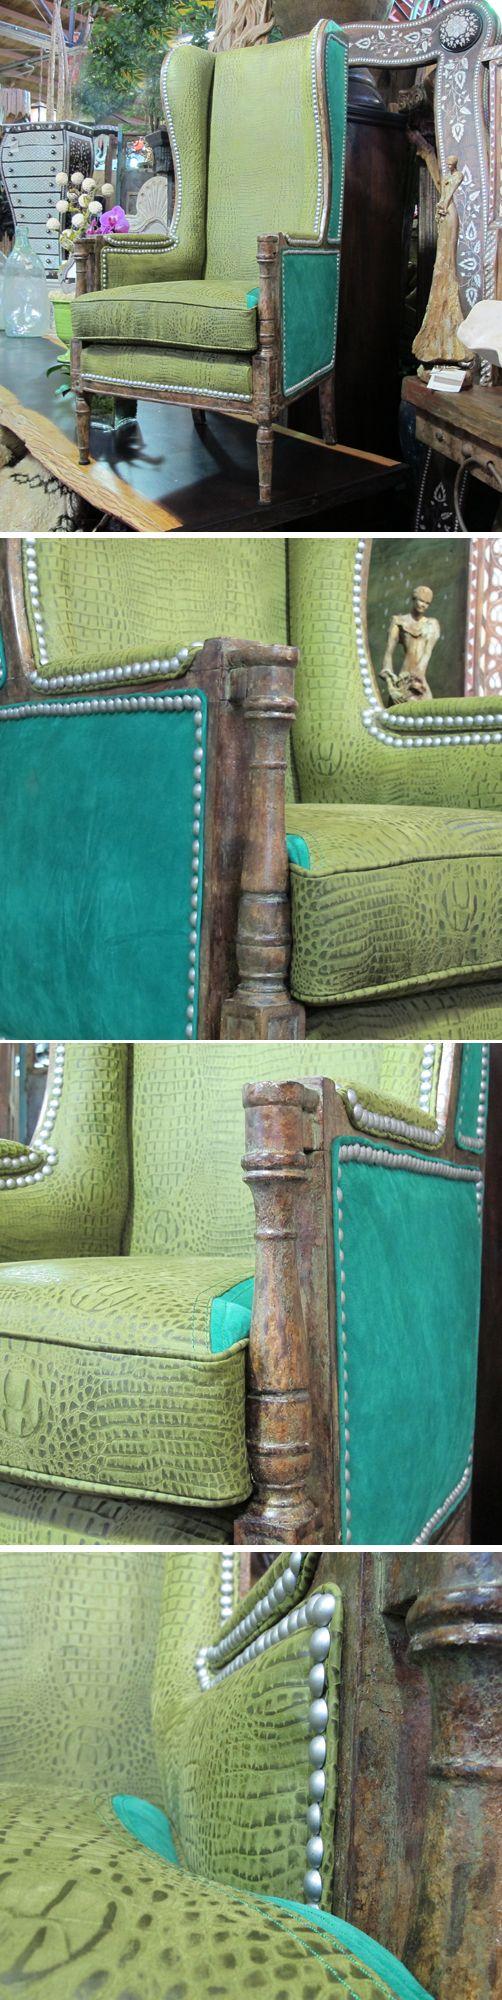 Custom Chair. Designed by Designers Views   www.designersviews.com